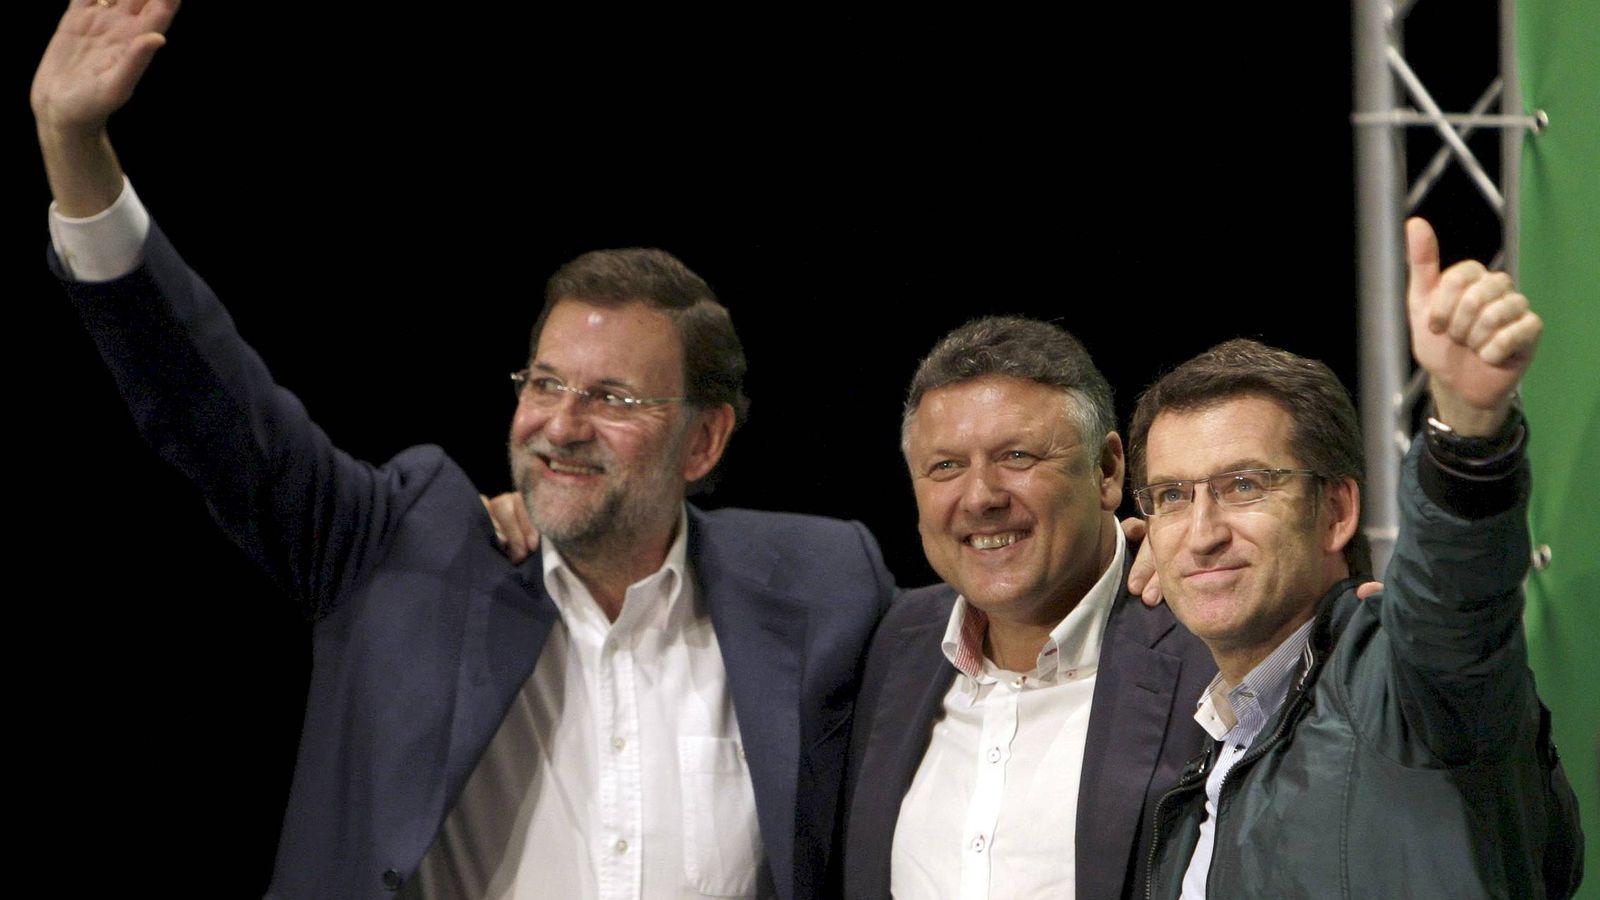 Foto: Telmo Martín (c), junto al presidente del PP, Mariano Rajoy (i), y el presidente de la Xunta, Alberto Núnez Feijóo. (EFE)